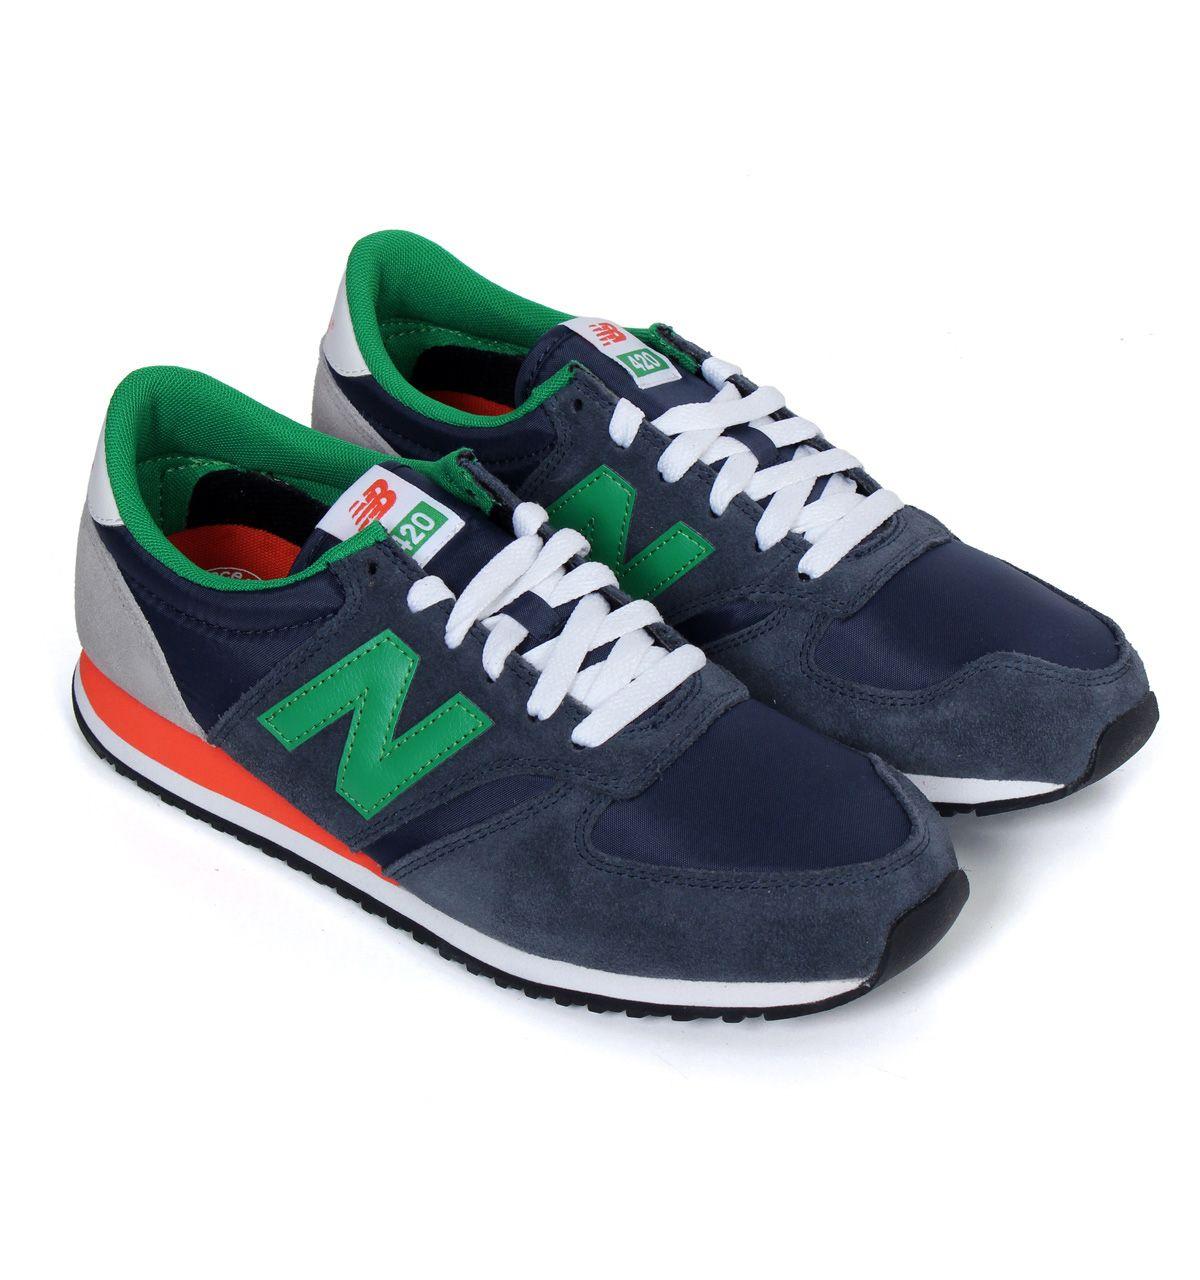 new balance 420 running sneaker green